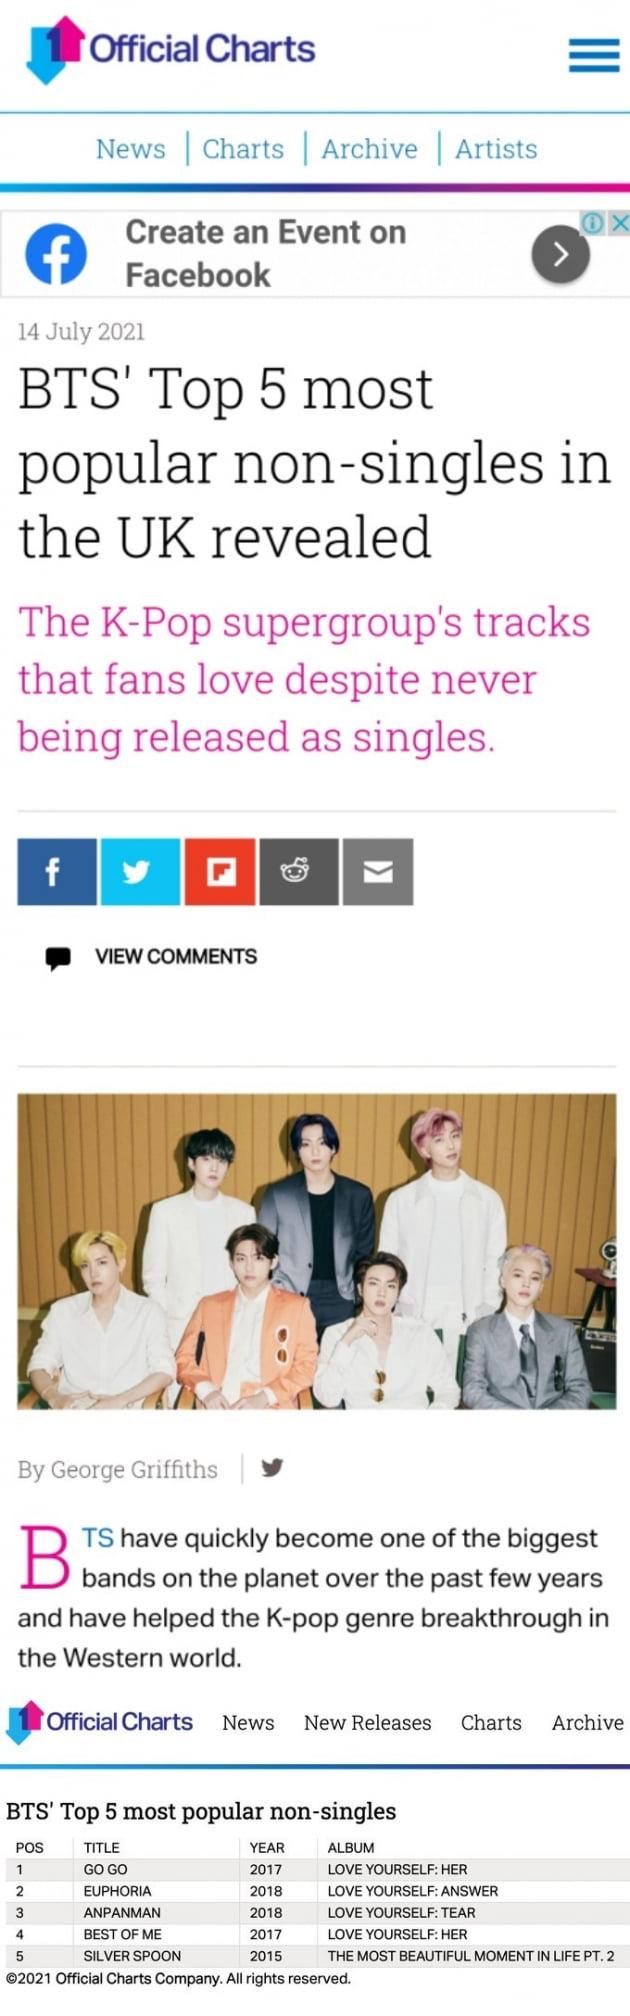 '英오피셜 차트' 방탄소년단 정국 '유포리아' 영국서 가장 인기 있는 BTS 수록곡 톱5 '2위'